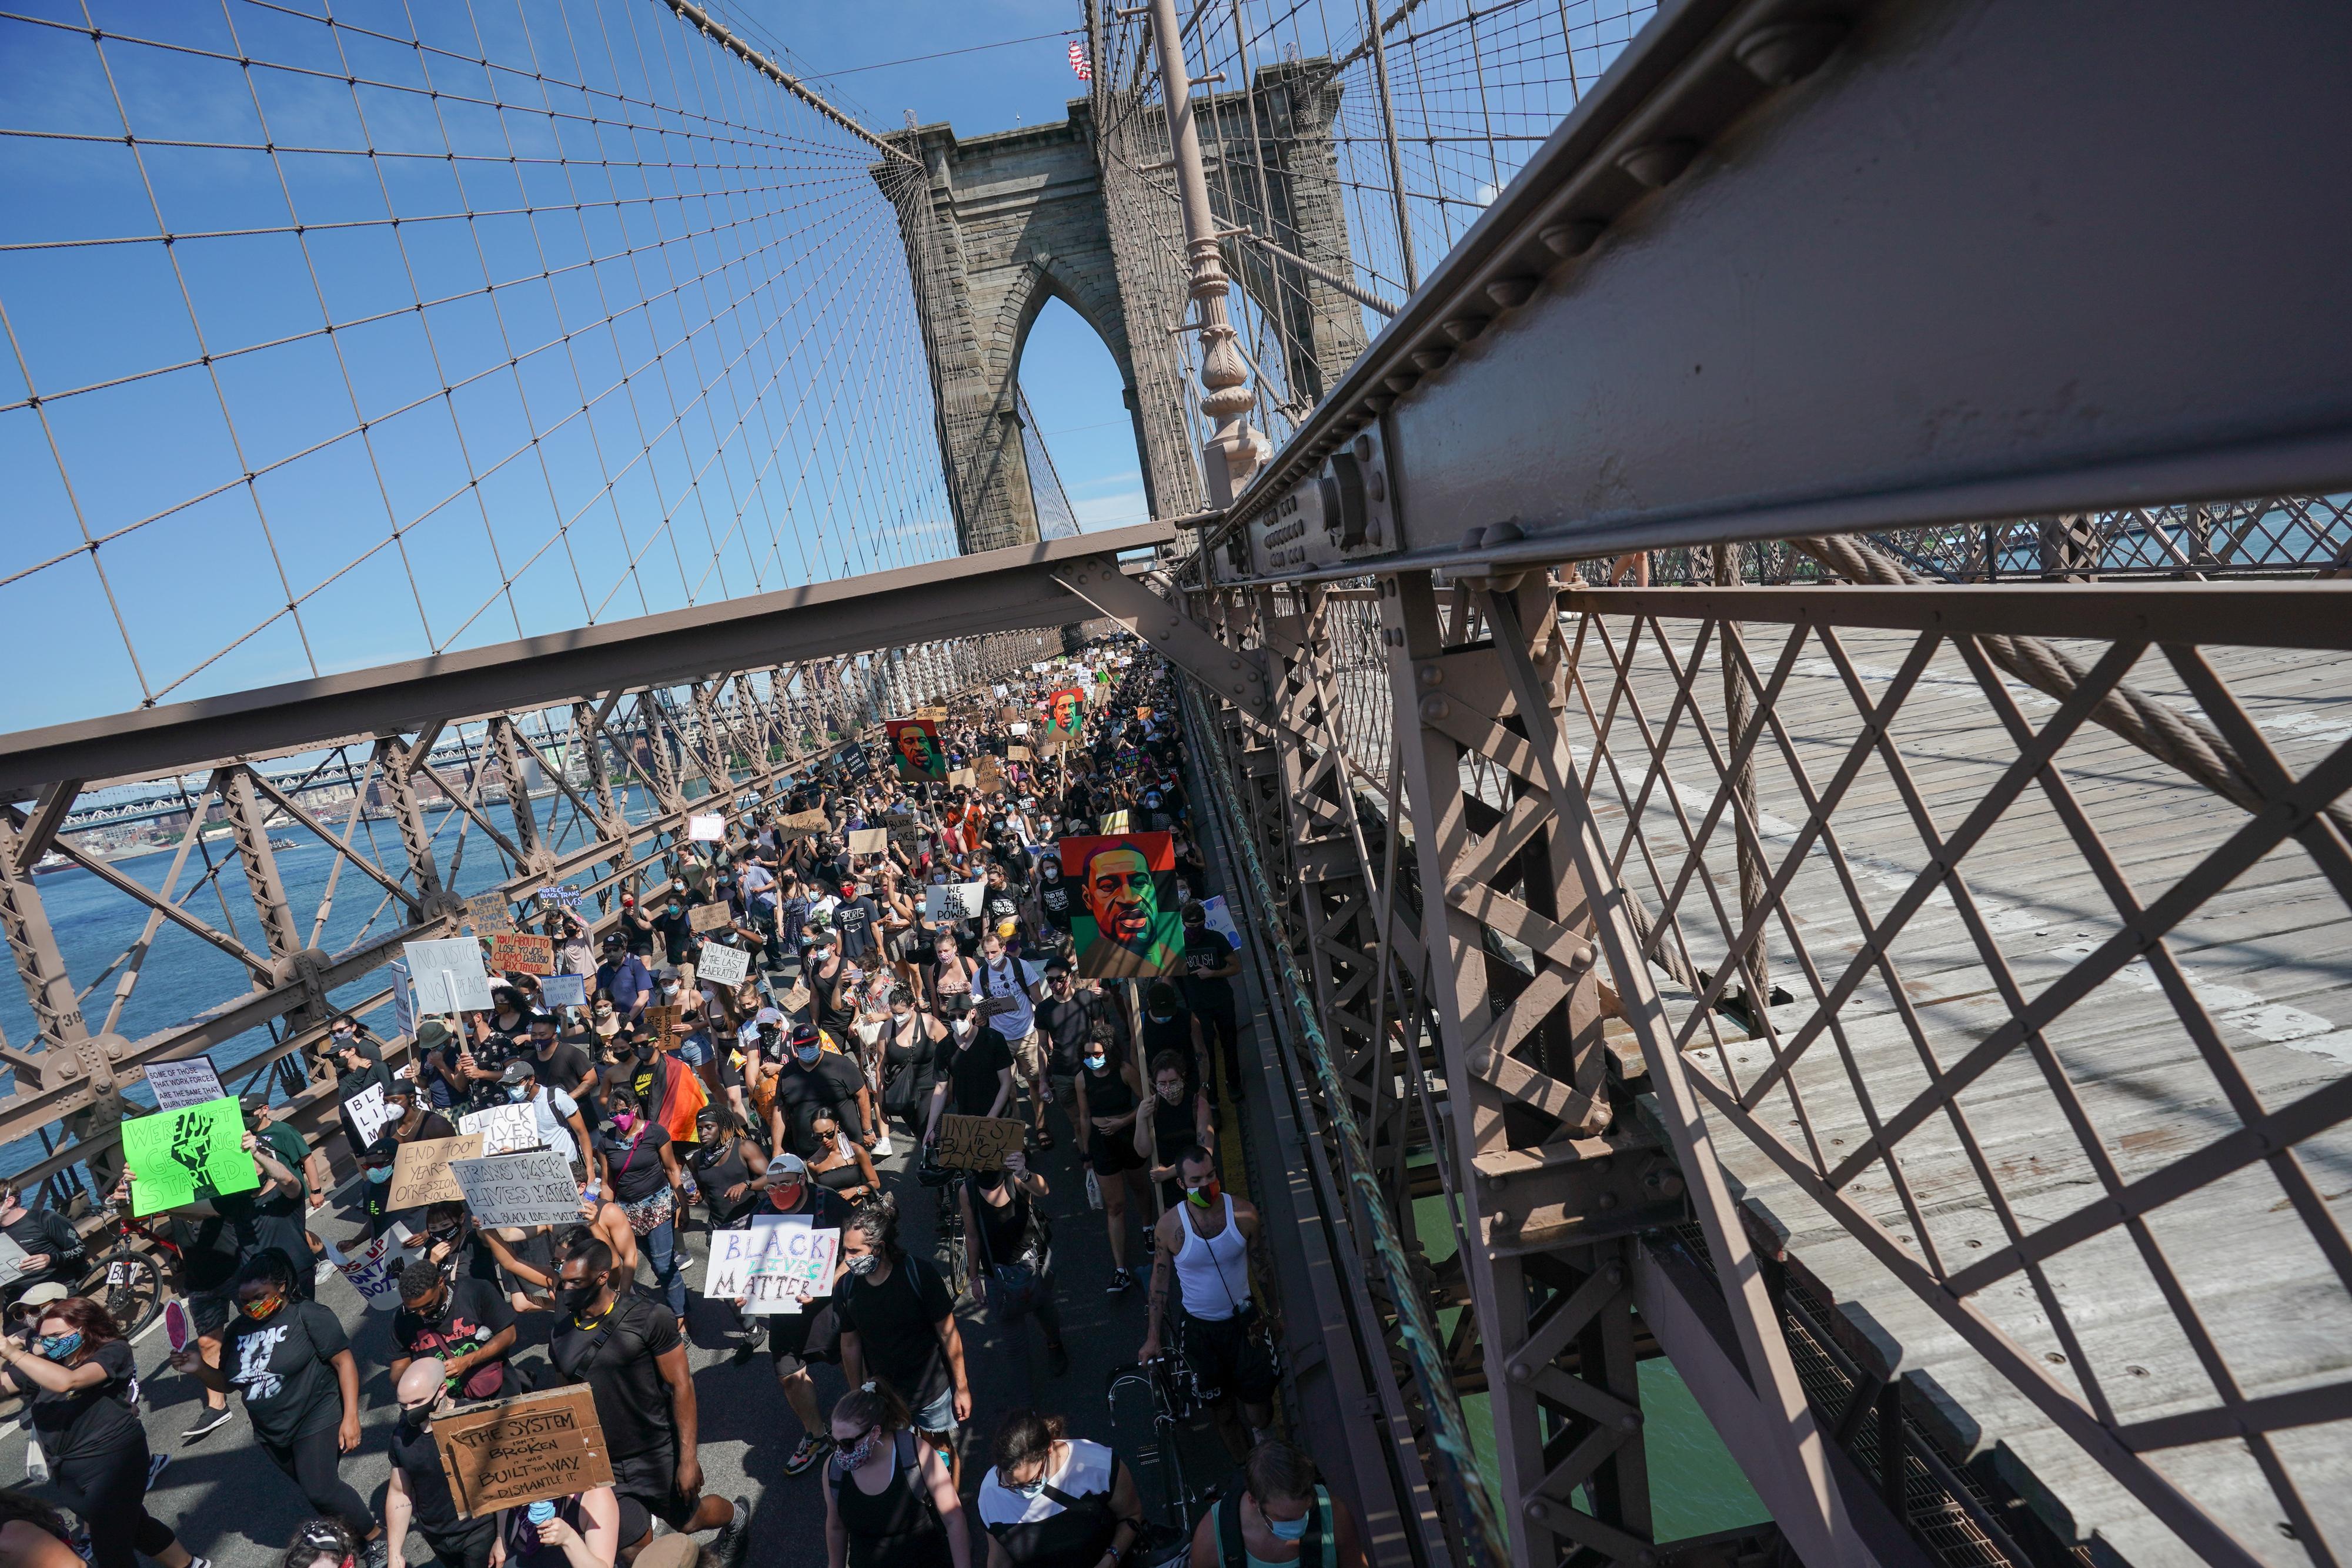 Miles de personas se manifestaron en EEUU por Juneteenth, que conmemora el fin de la esclavitud en el país (AFP)